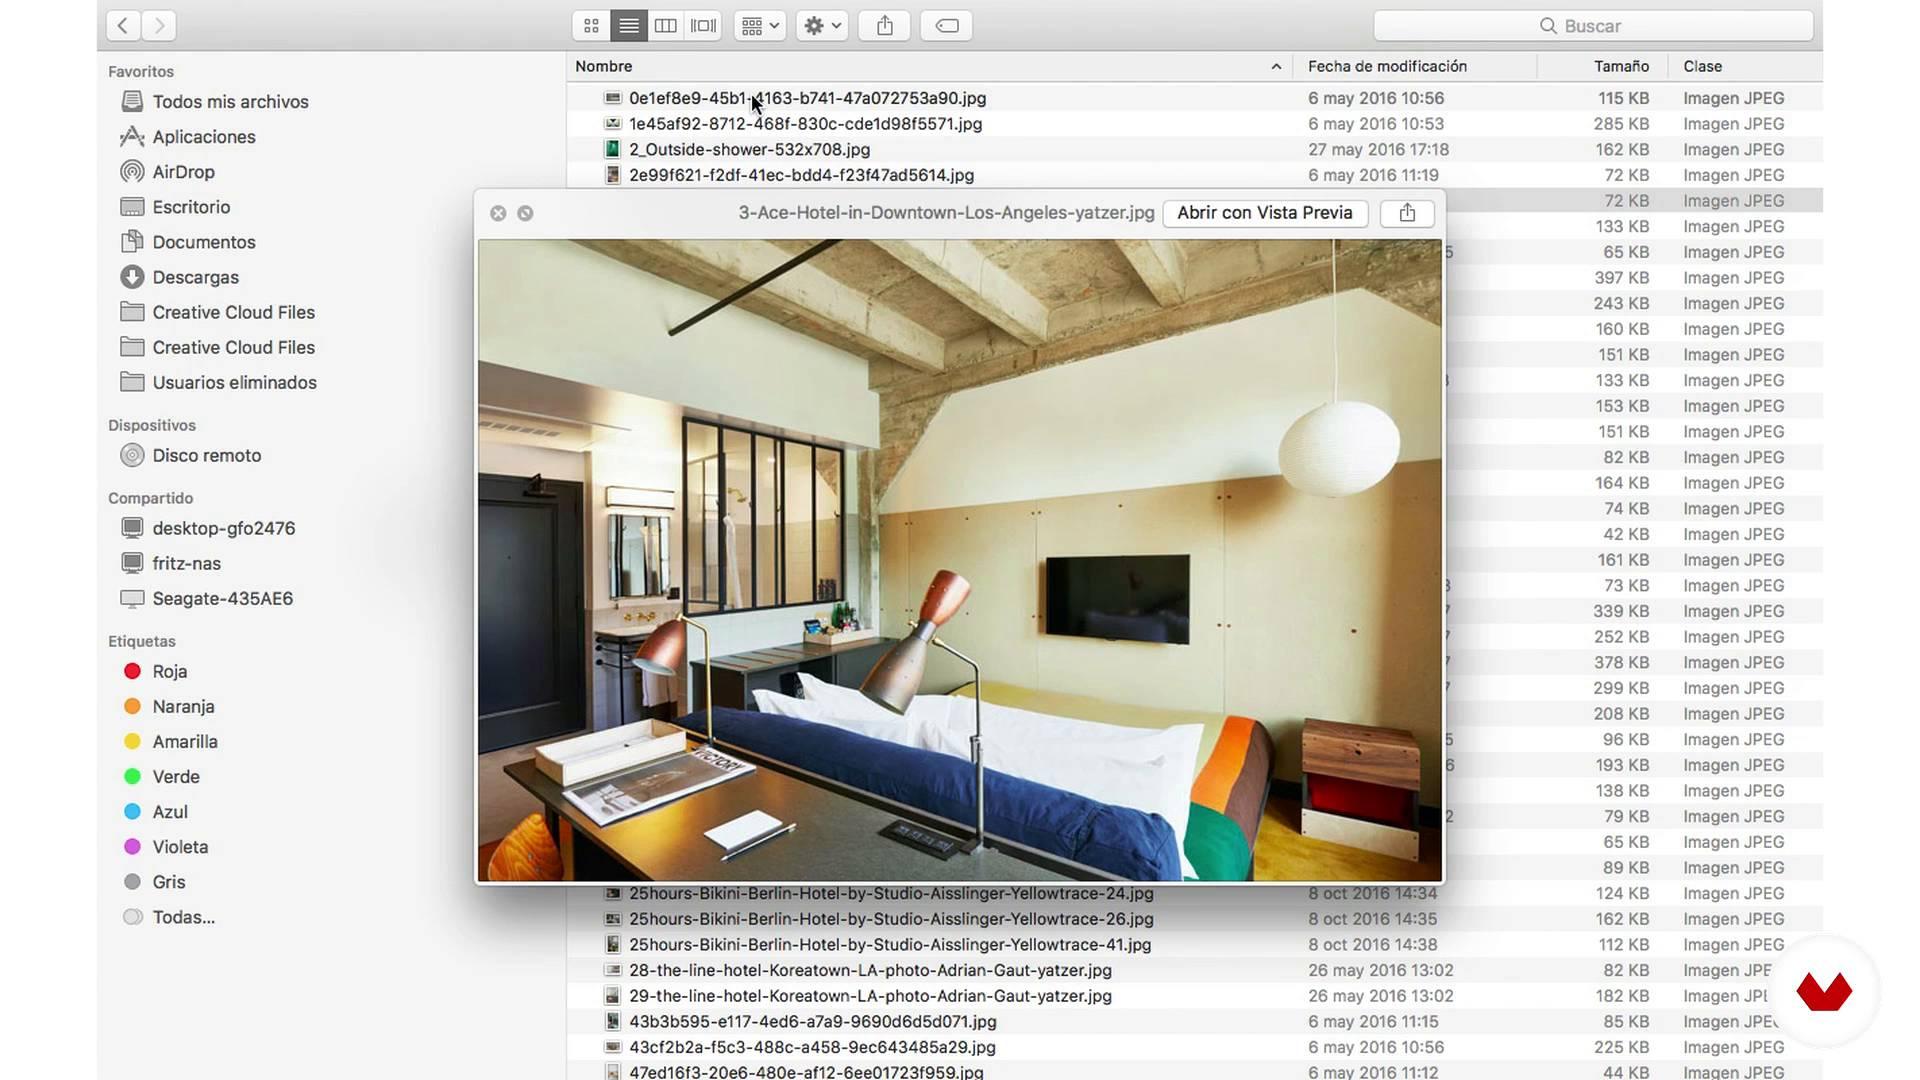 El Estilo De Vida Como Clasificarlo Y Ordenarlo Iniciaci N Al  ~ Aplicaciones De Diseño De Interiores